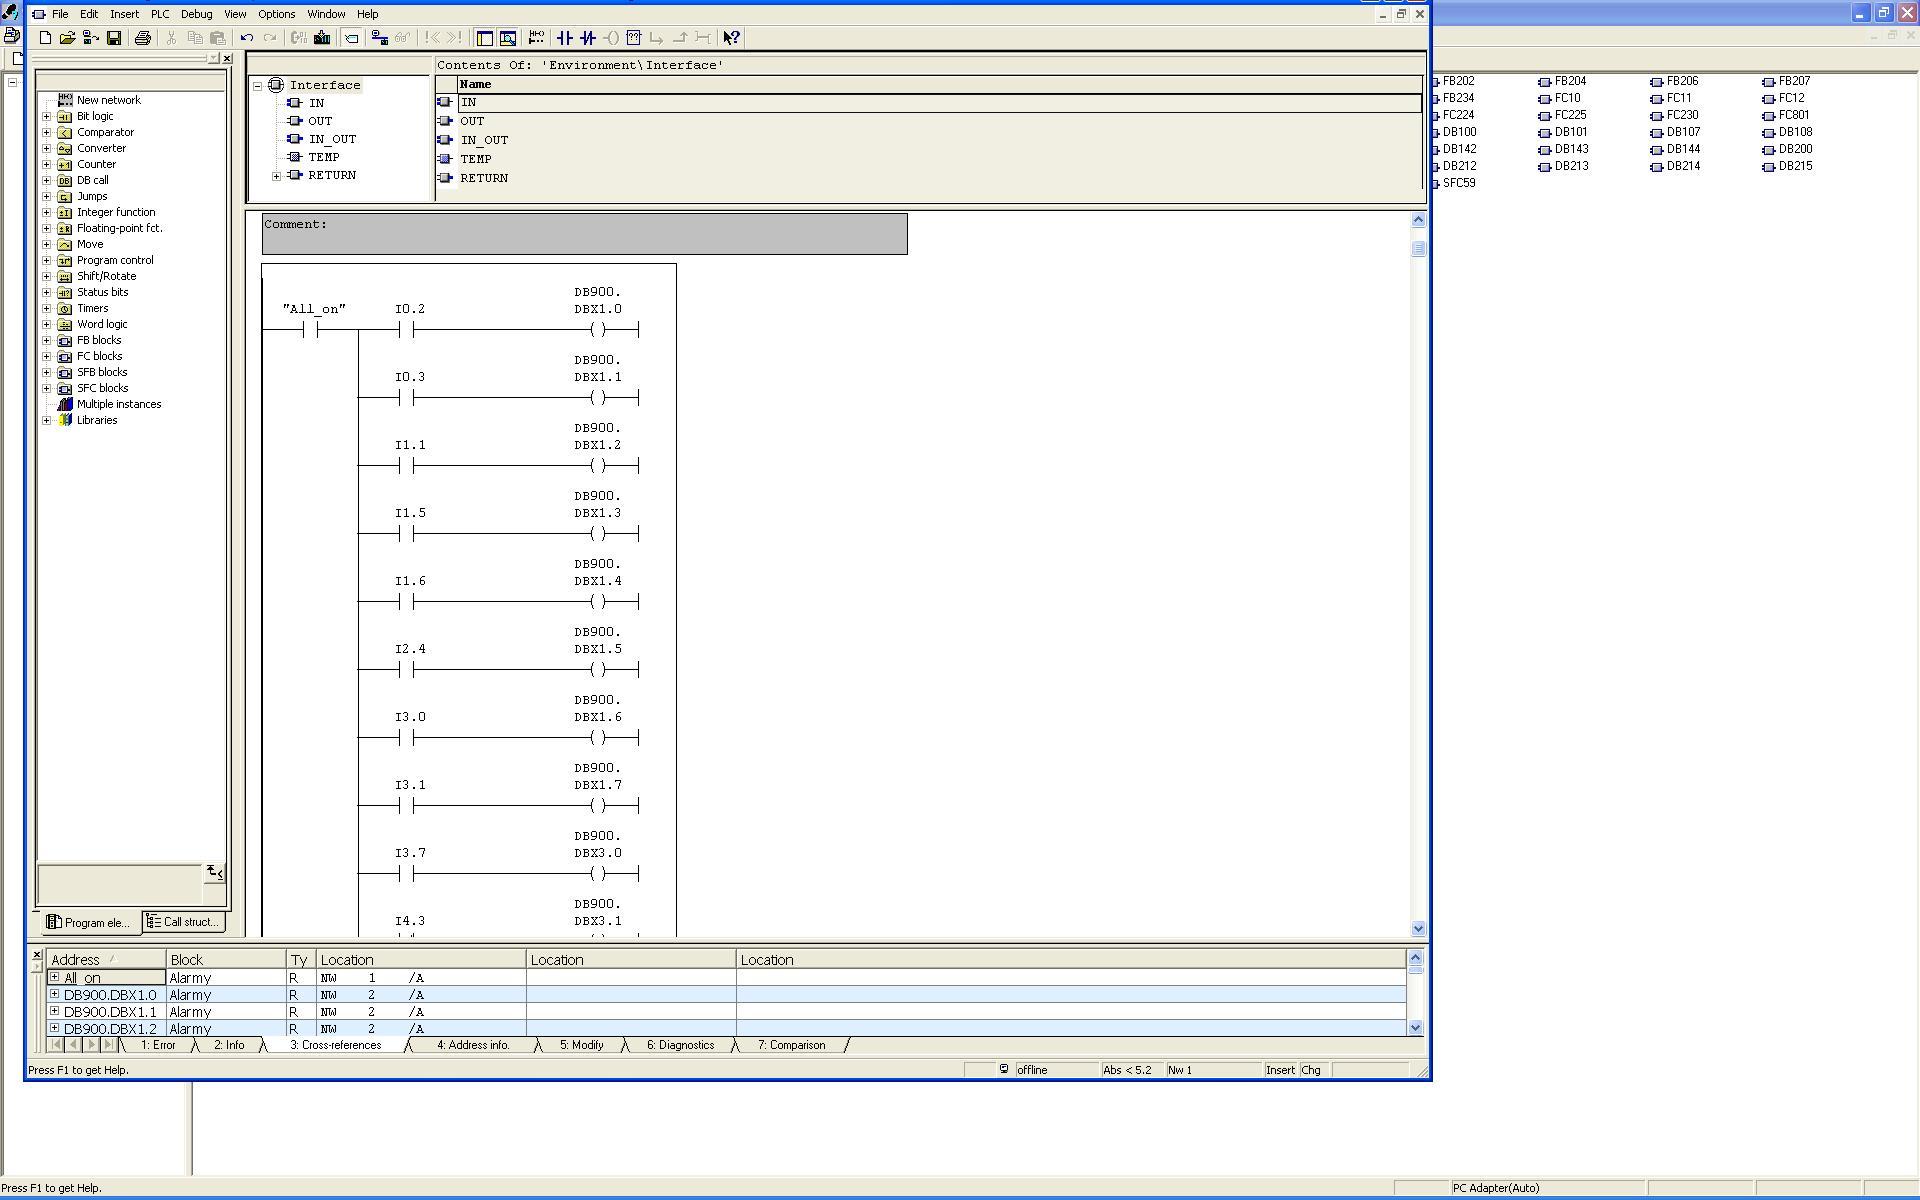 Scada wincc 7.0 - archiwizacja alarm�w - wielokrotnie powielane alarmy